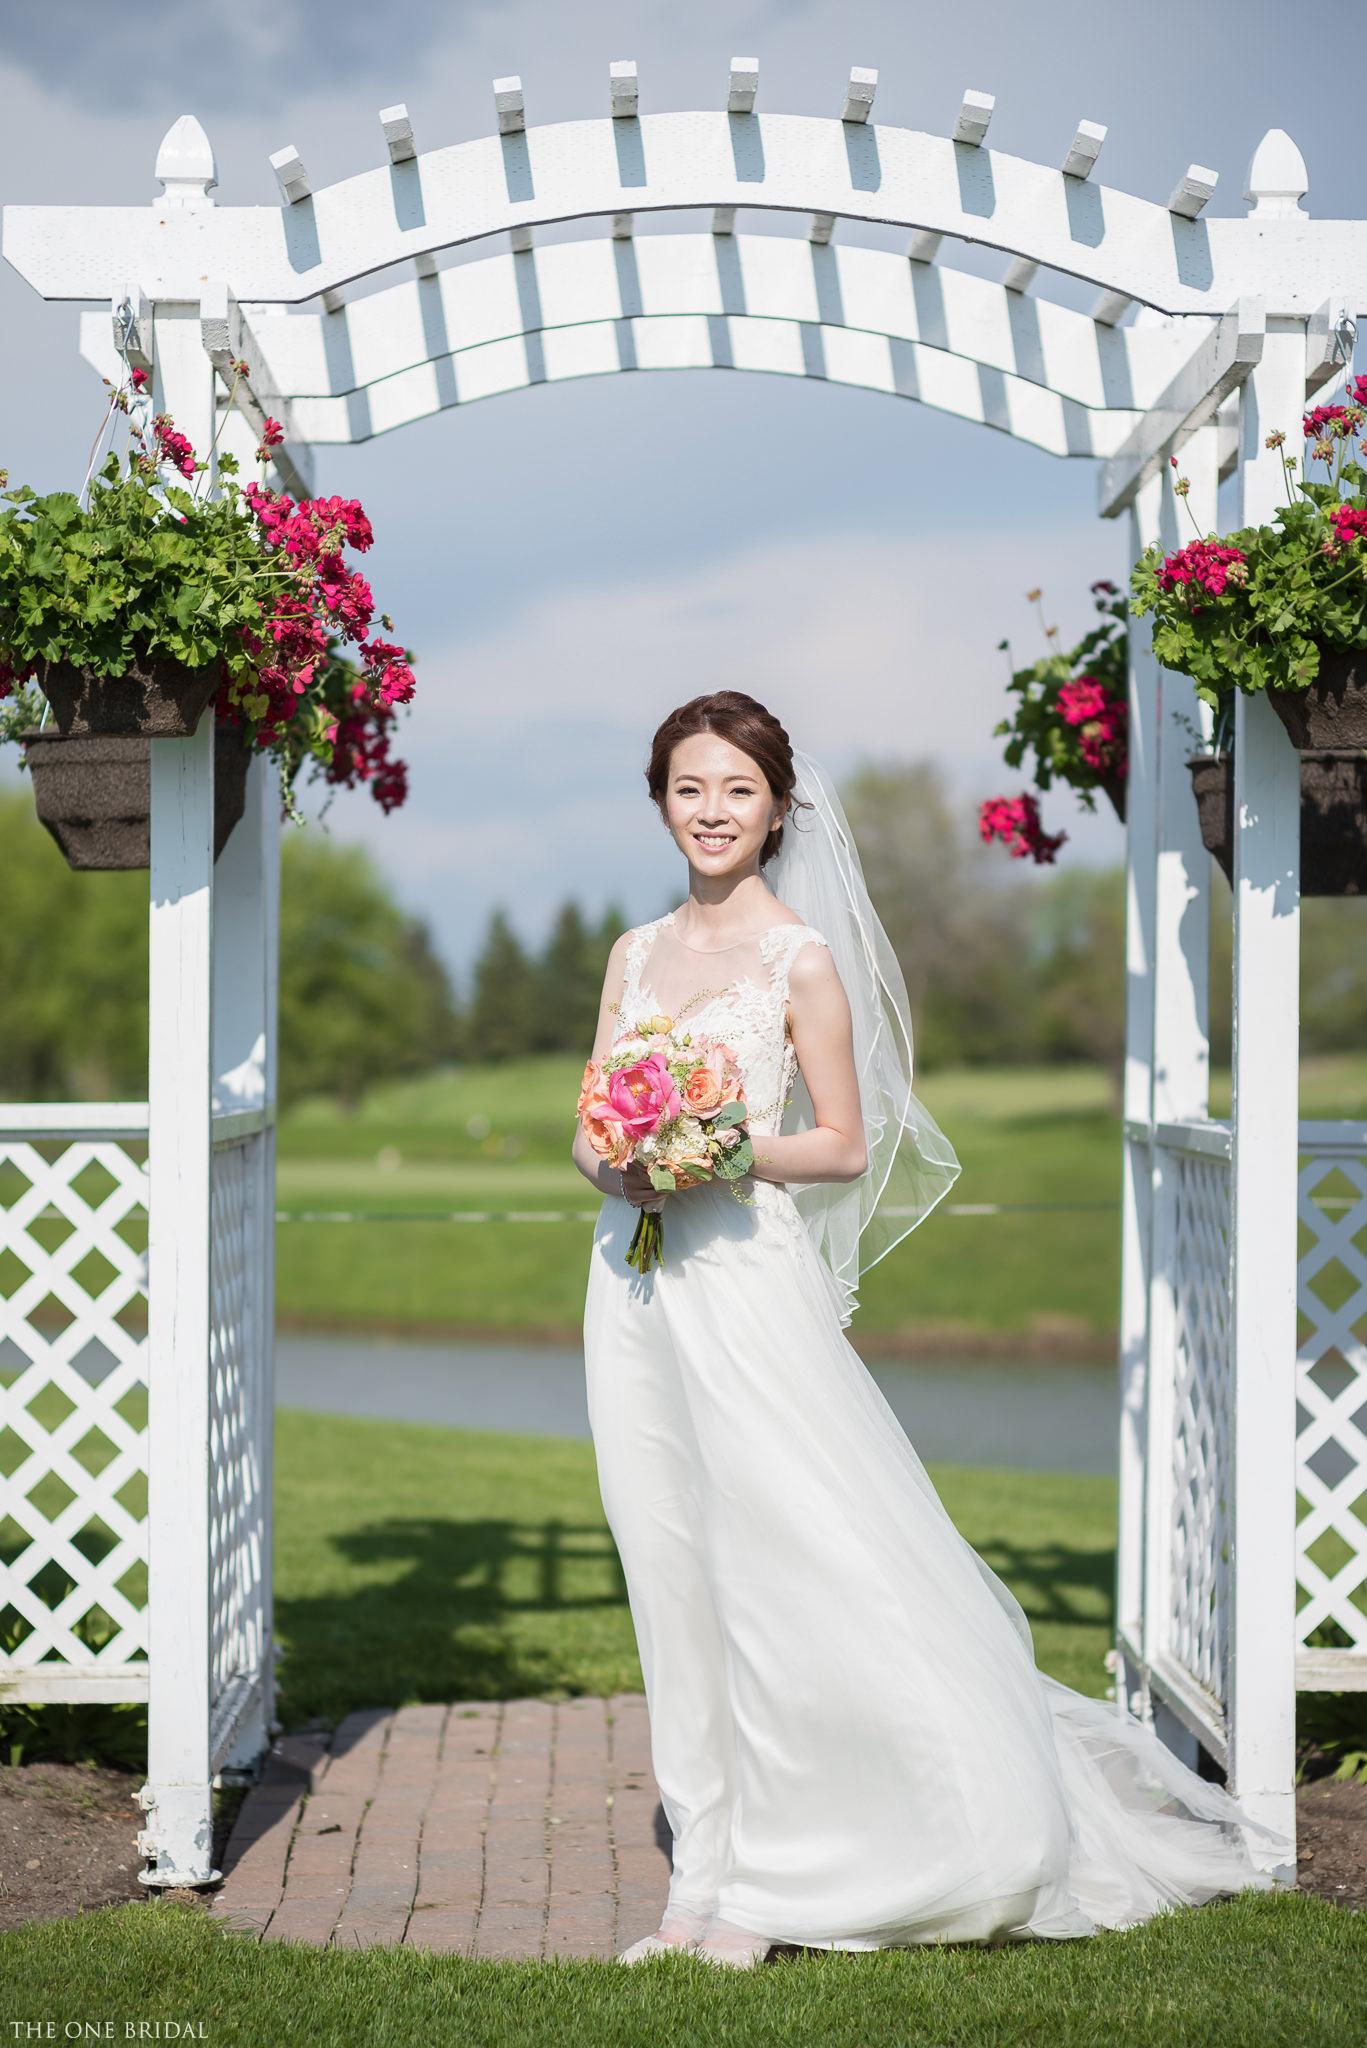 mandarin-golf-club-wedding-markham-the-one-bridal-042